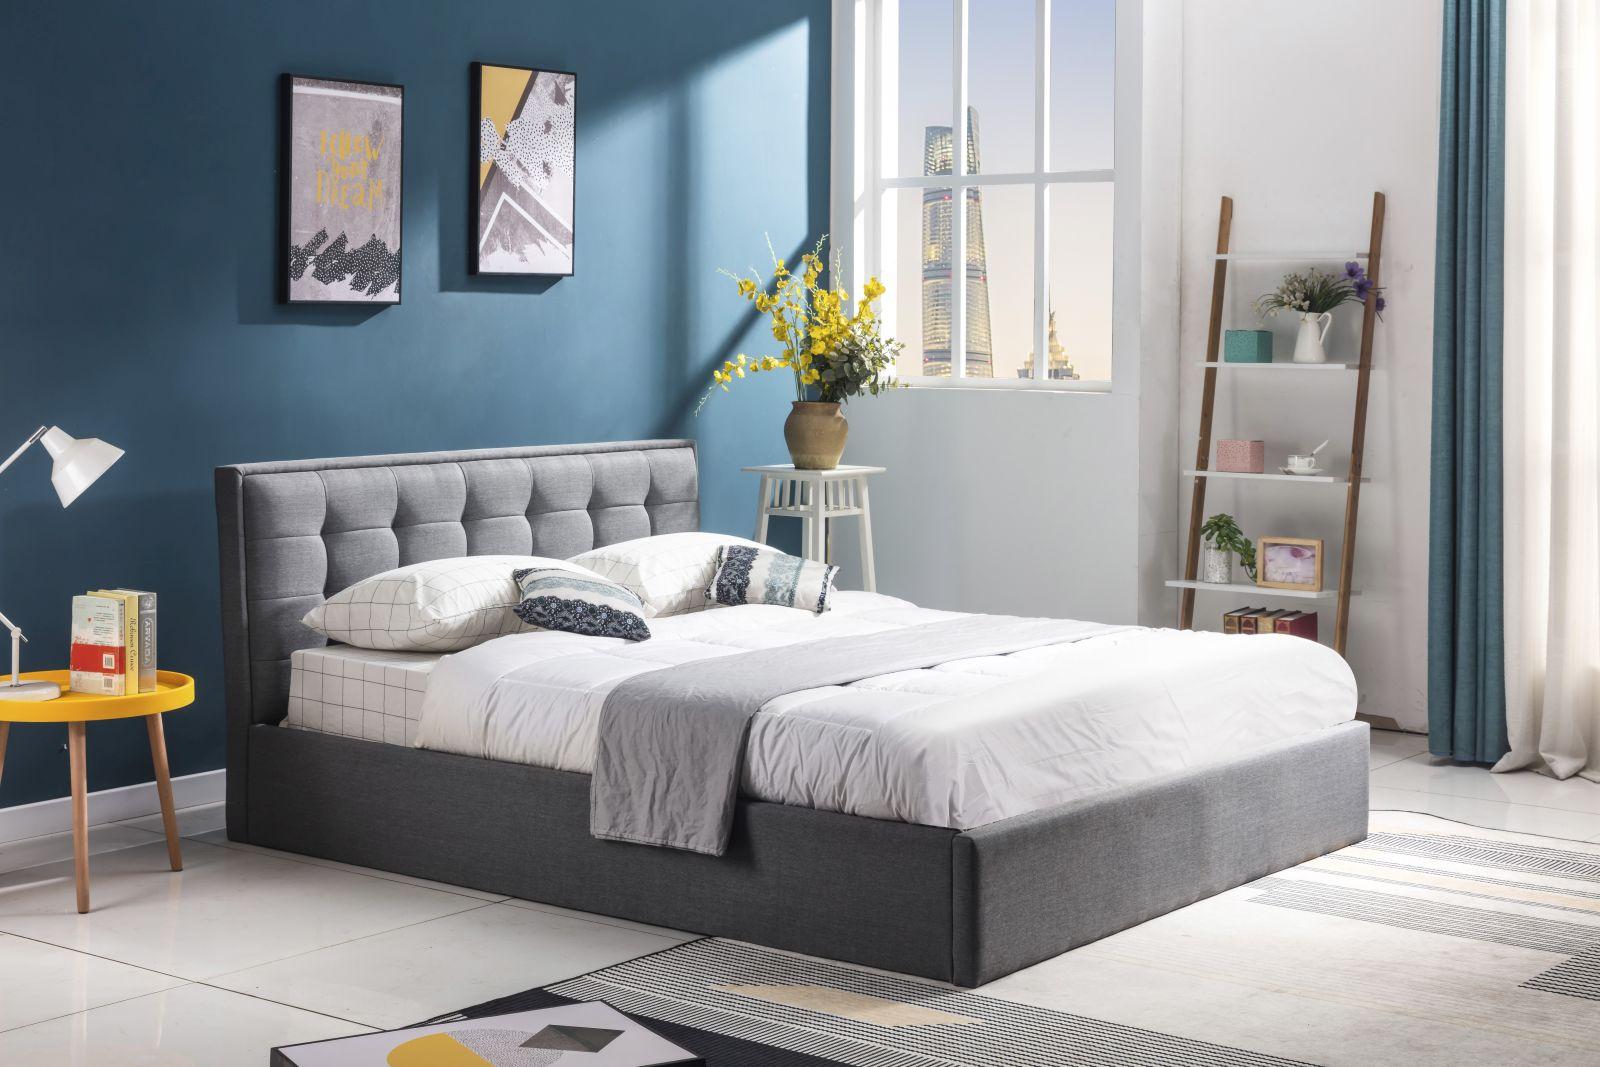 PADVA 120cm łóżko z pojemnikiem popielaty